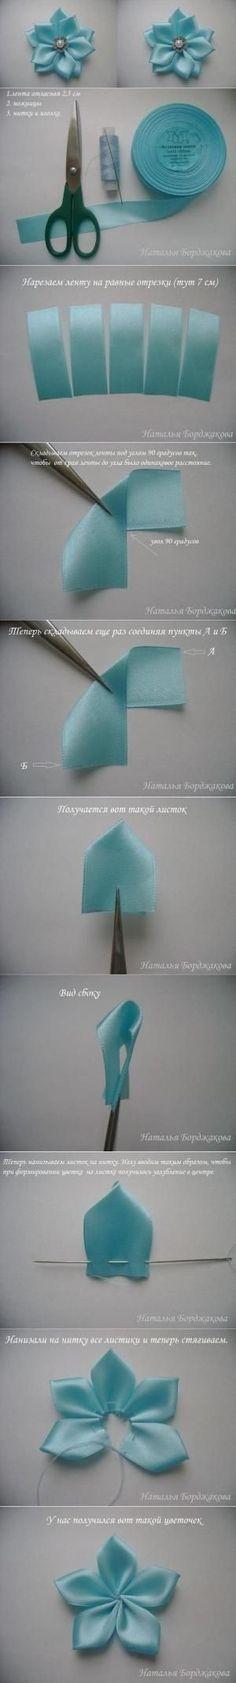 DIY acentuado flor de los pétalos de la cinta por Raelynn8